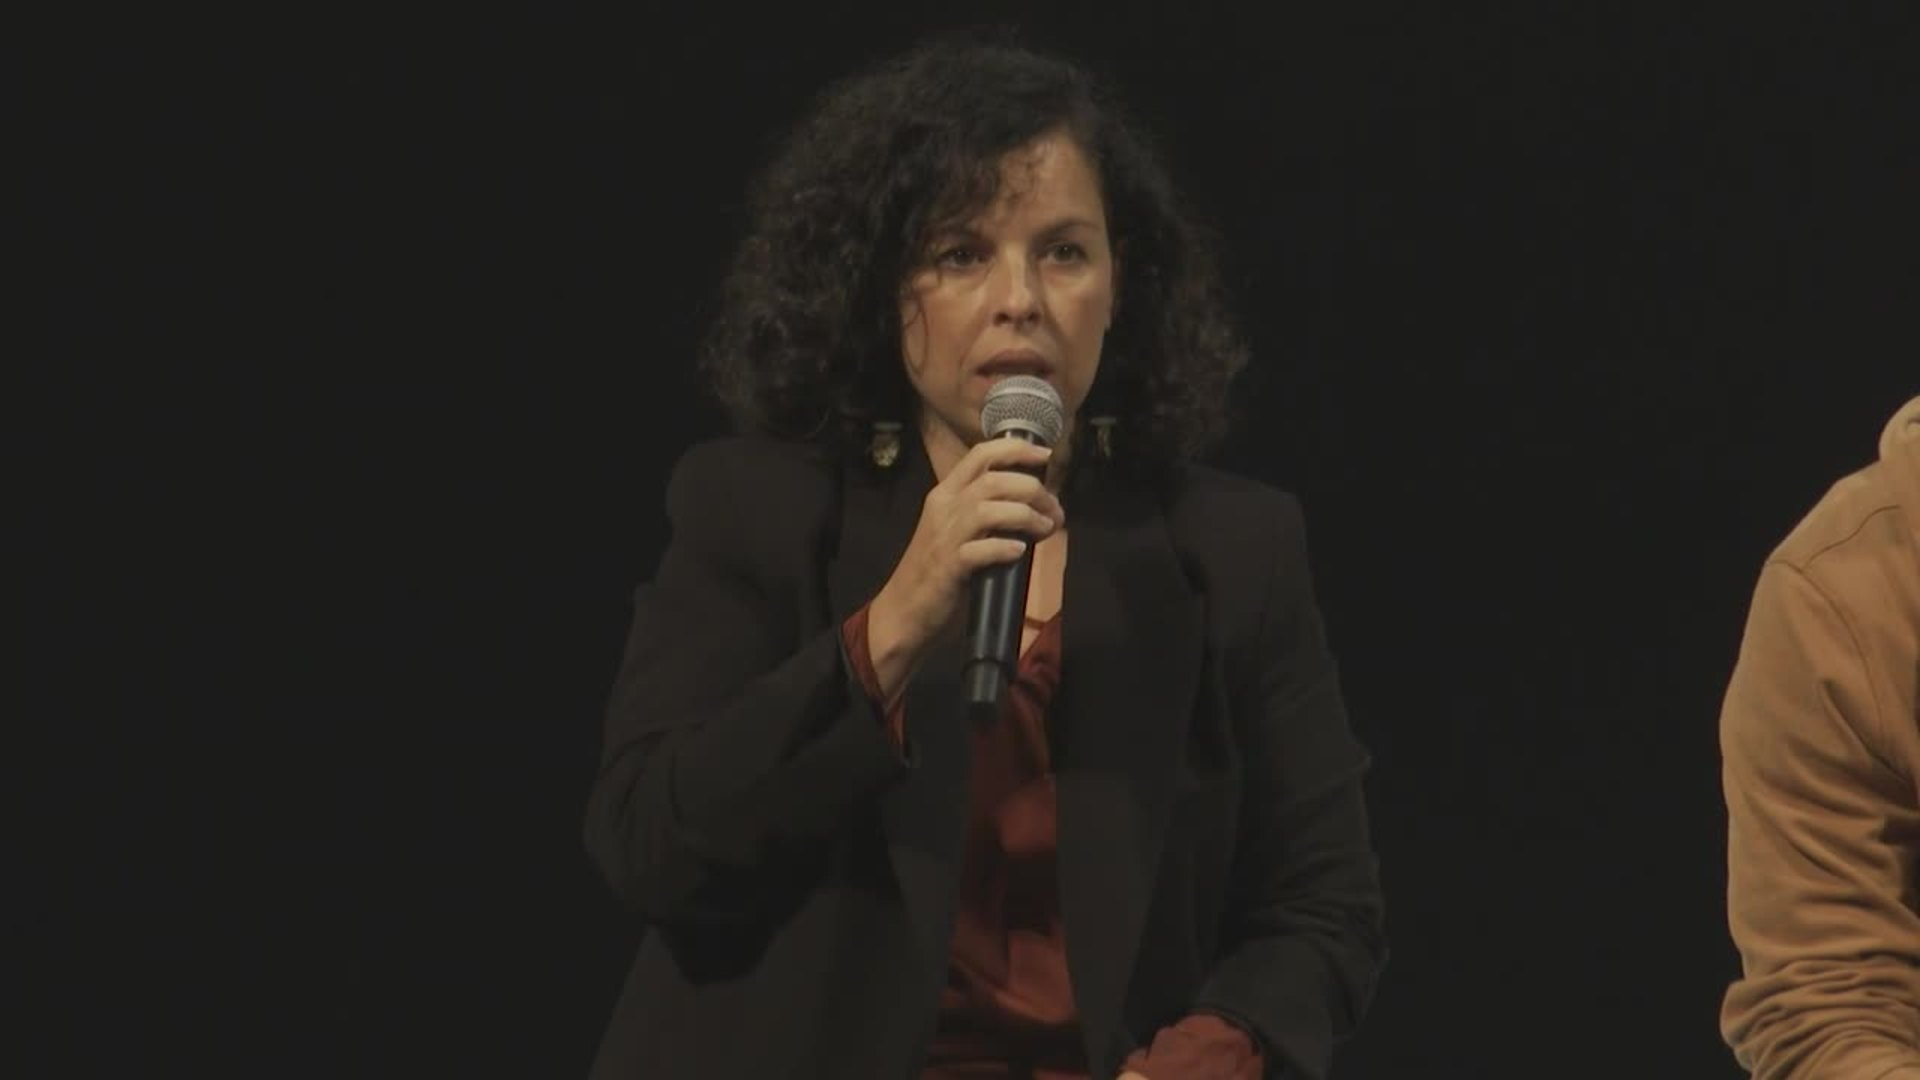 Directora de la obra de teatro Altsasu pretende reflejar el dolor de ambas partes